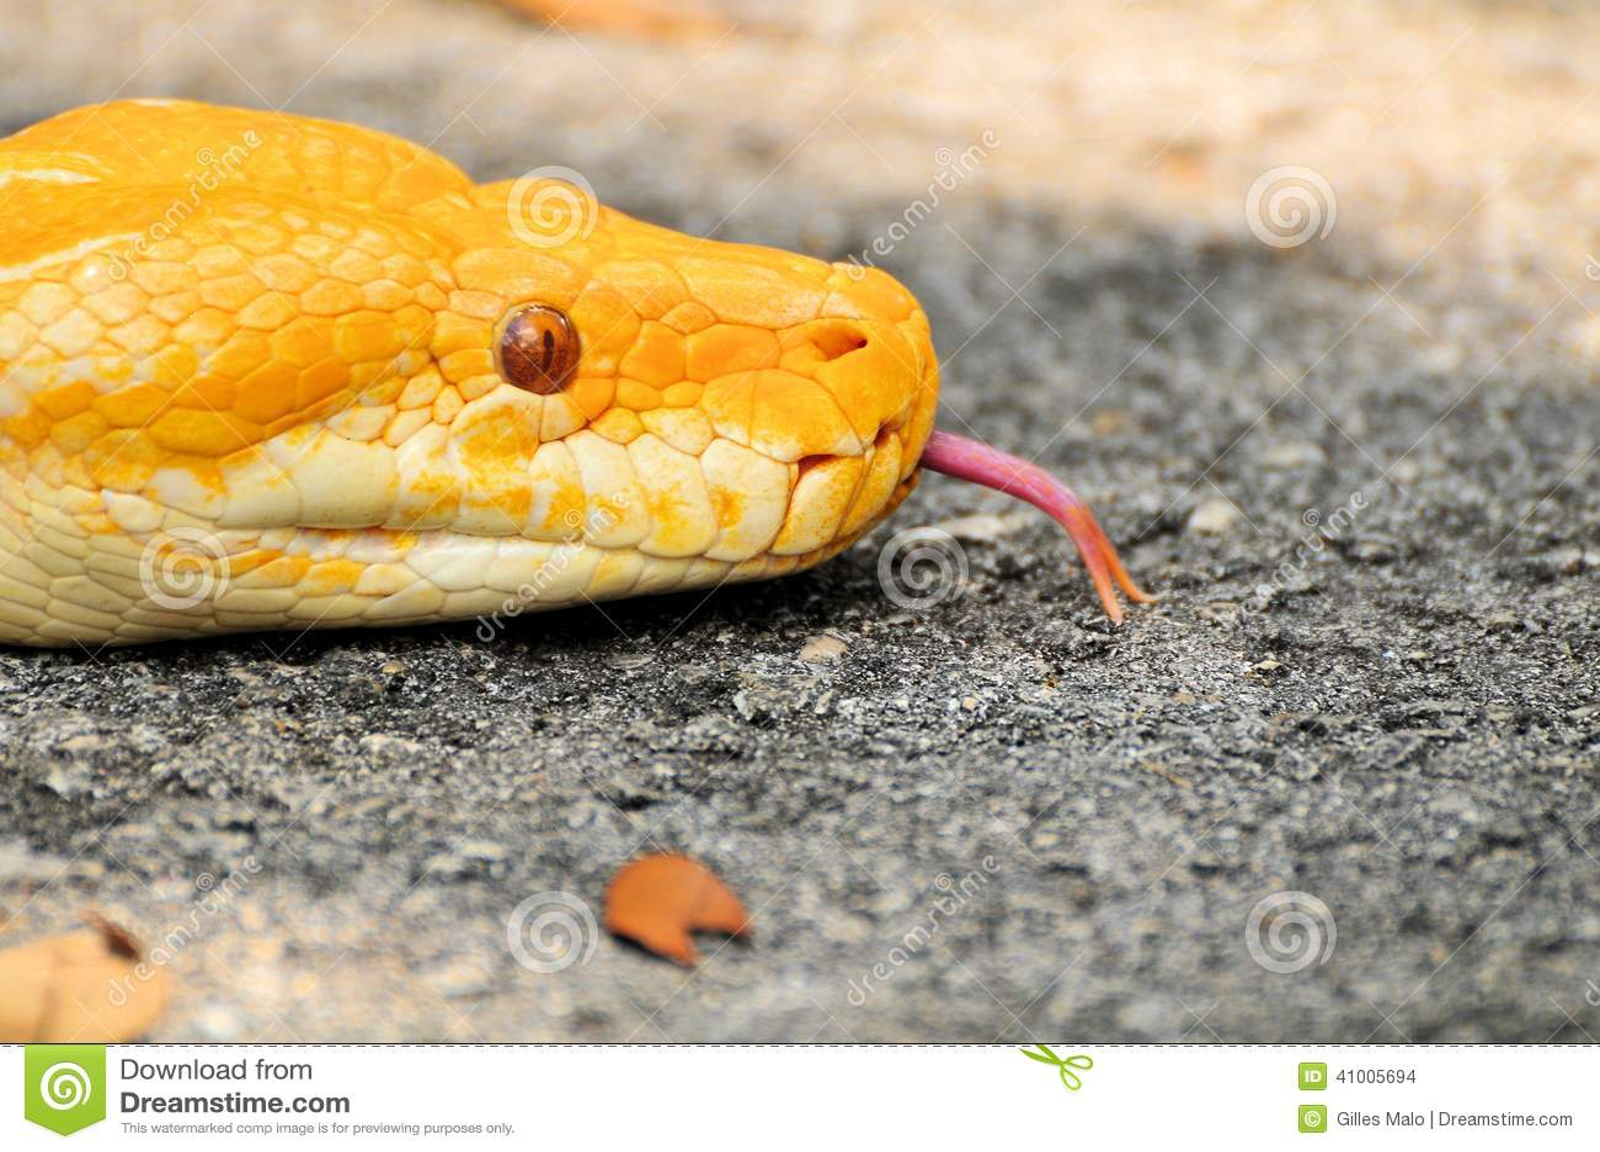 how to close program python